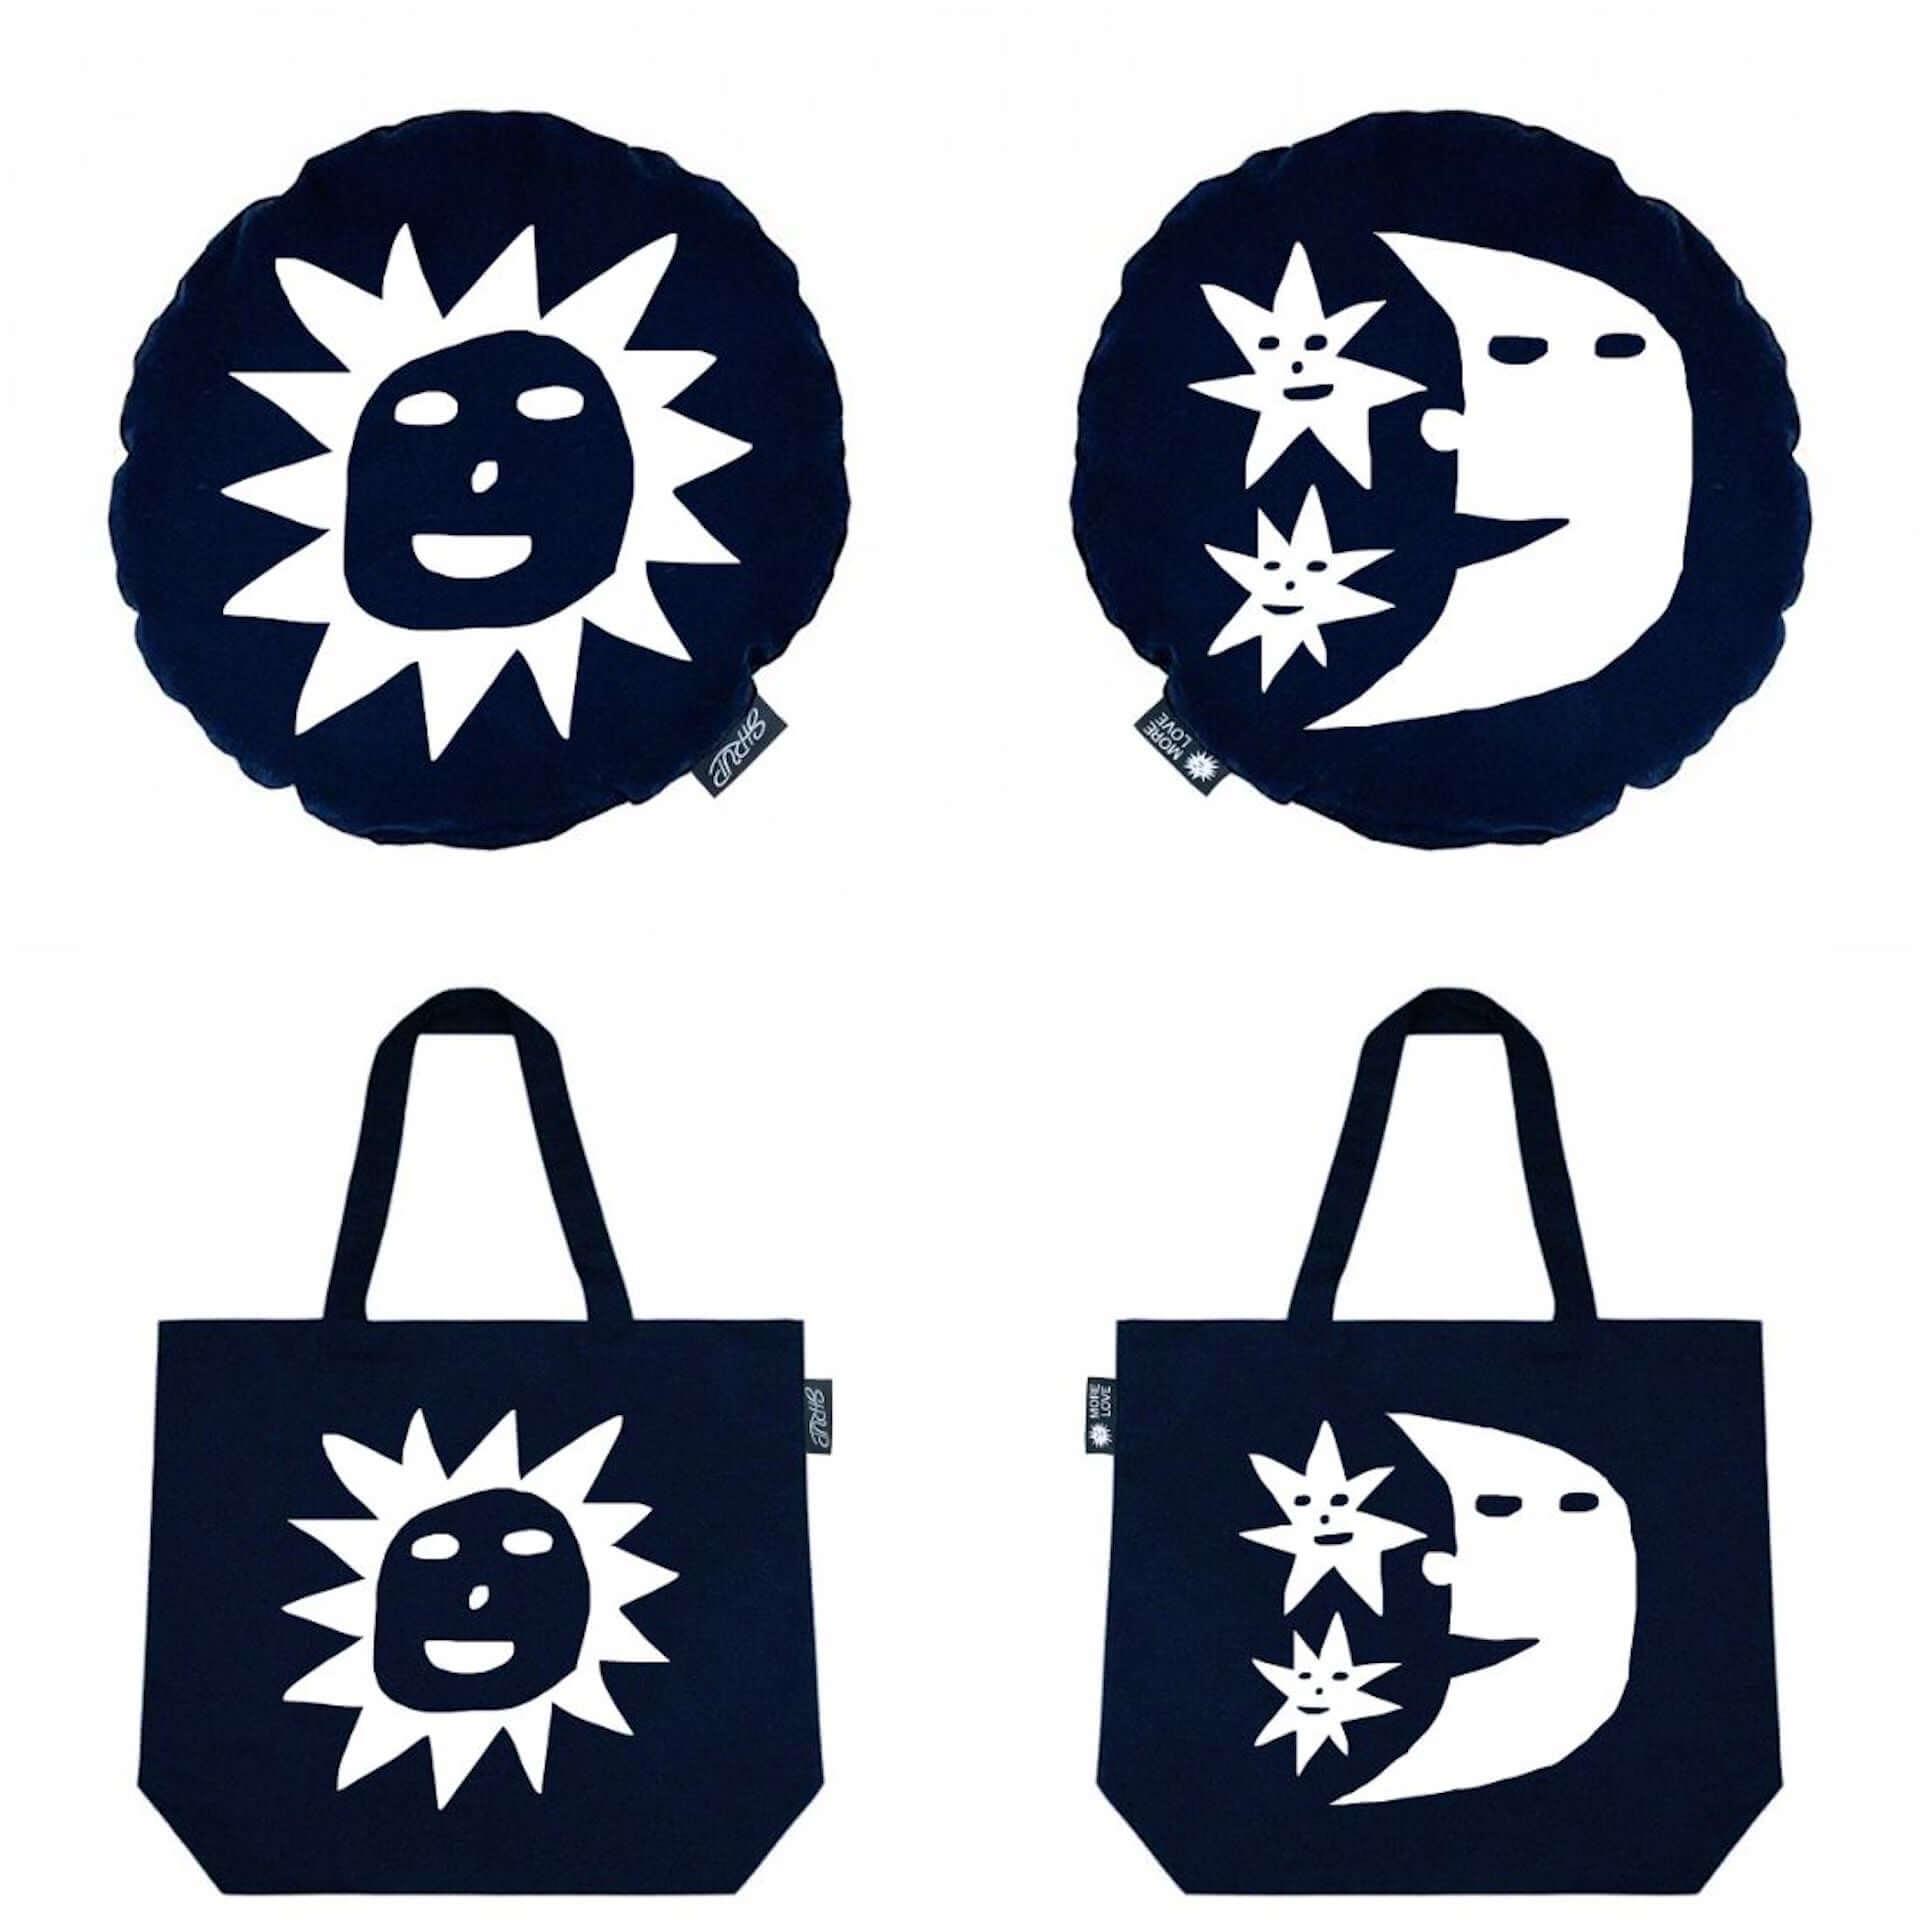 SIRUPらによるSustAimとHOTEL SHE,のコラボグッズ第2弾が限定販売決定!Kentaro Okawaraがデザインしたクッション&トートバッグが登場 art200817_sustaim-hotelshe_1-1920x1920